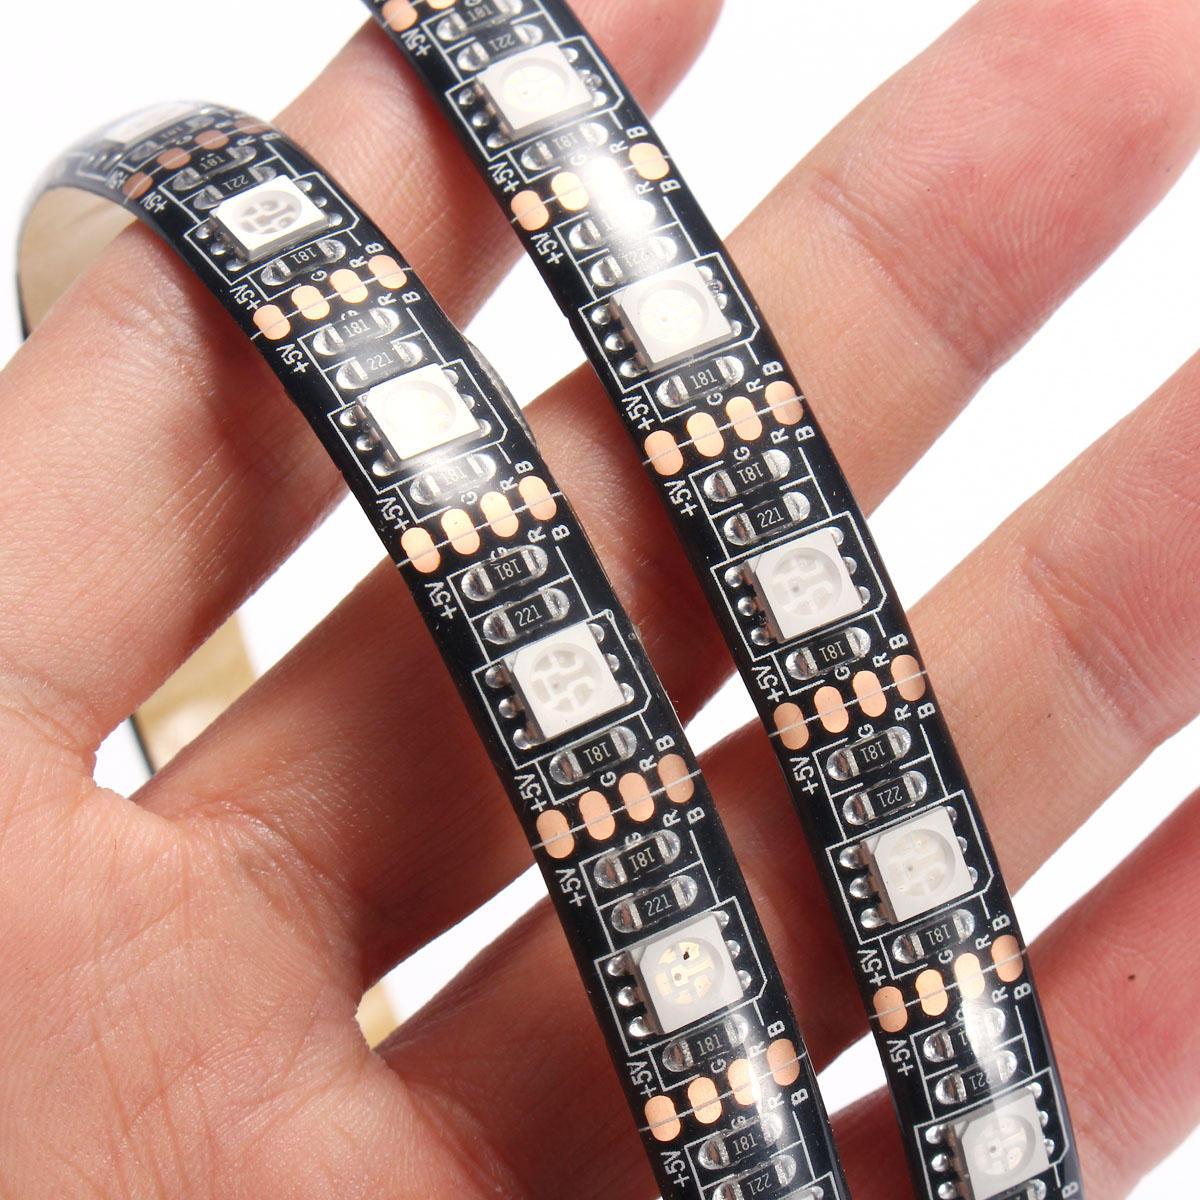 0.5 / 1/2/3/4 / 5M SMD5050 RGB Imperméable LED Kit de Rétroéclairage TV Sangle de Lumière + Télécommande USB DC5V - 12